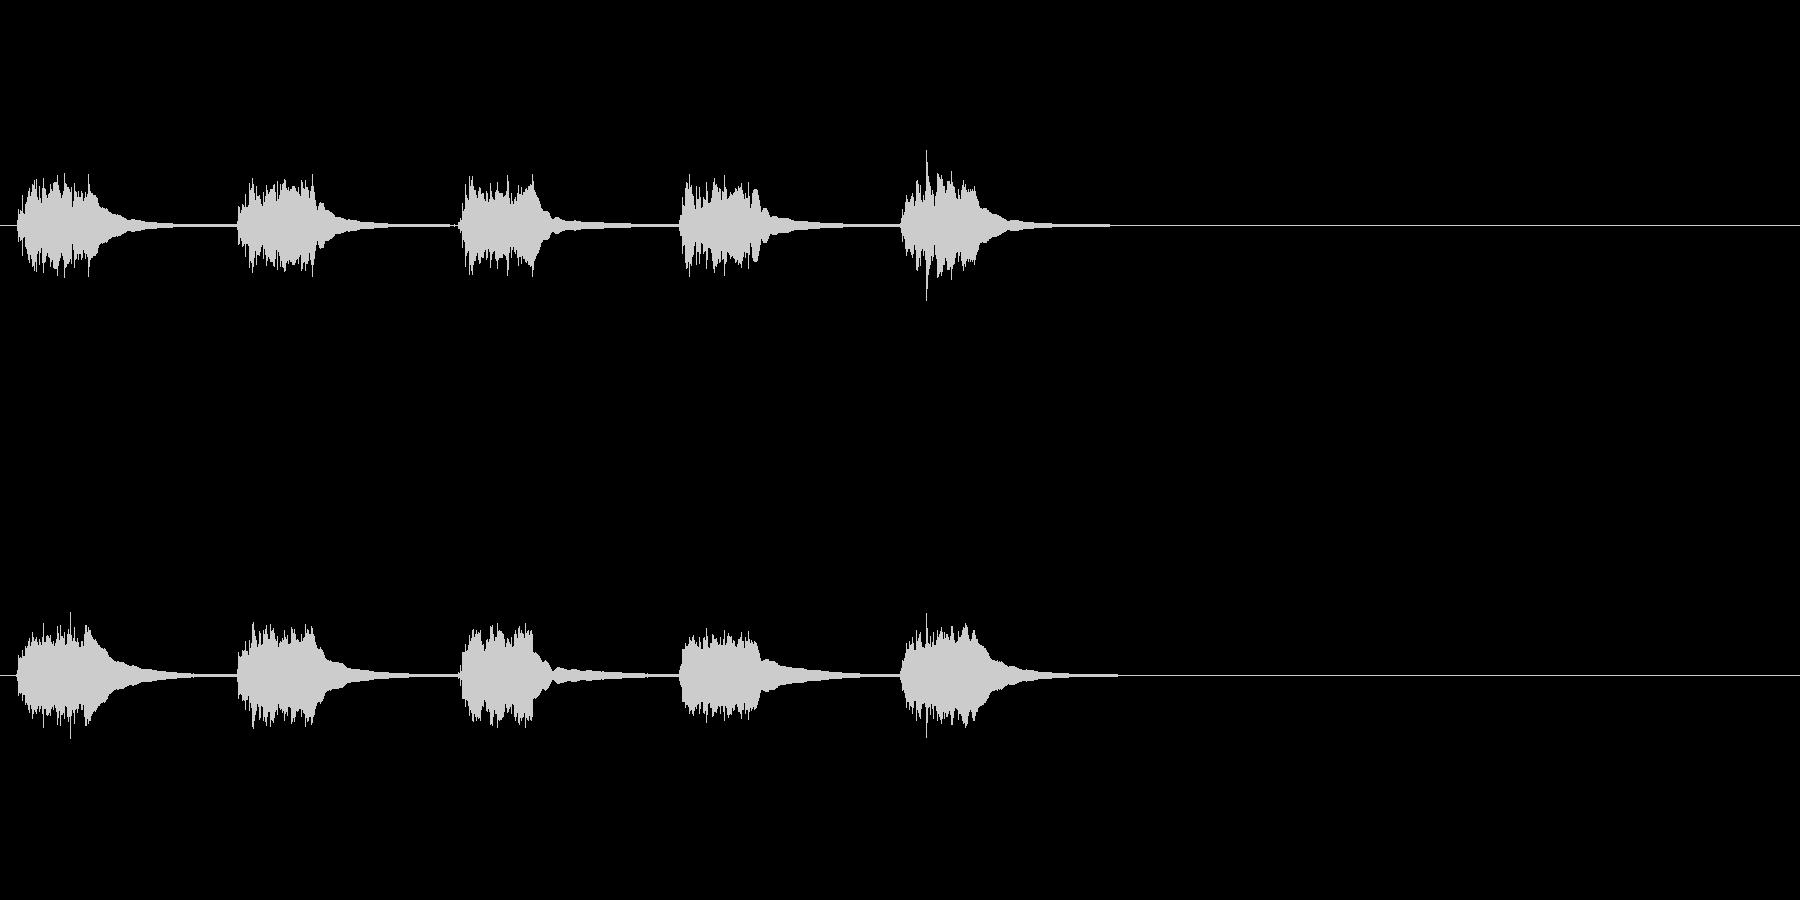 黒電話 (5回呼び出し音)の未再生の波形